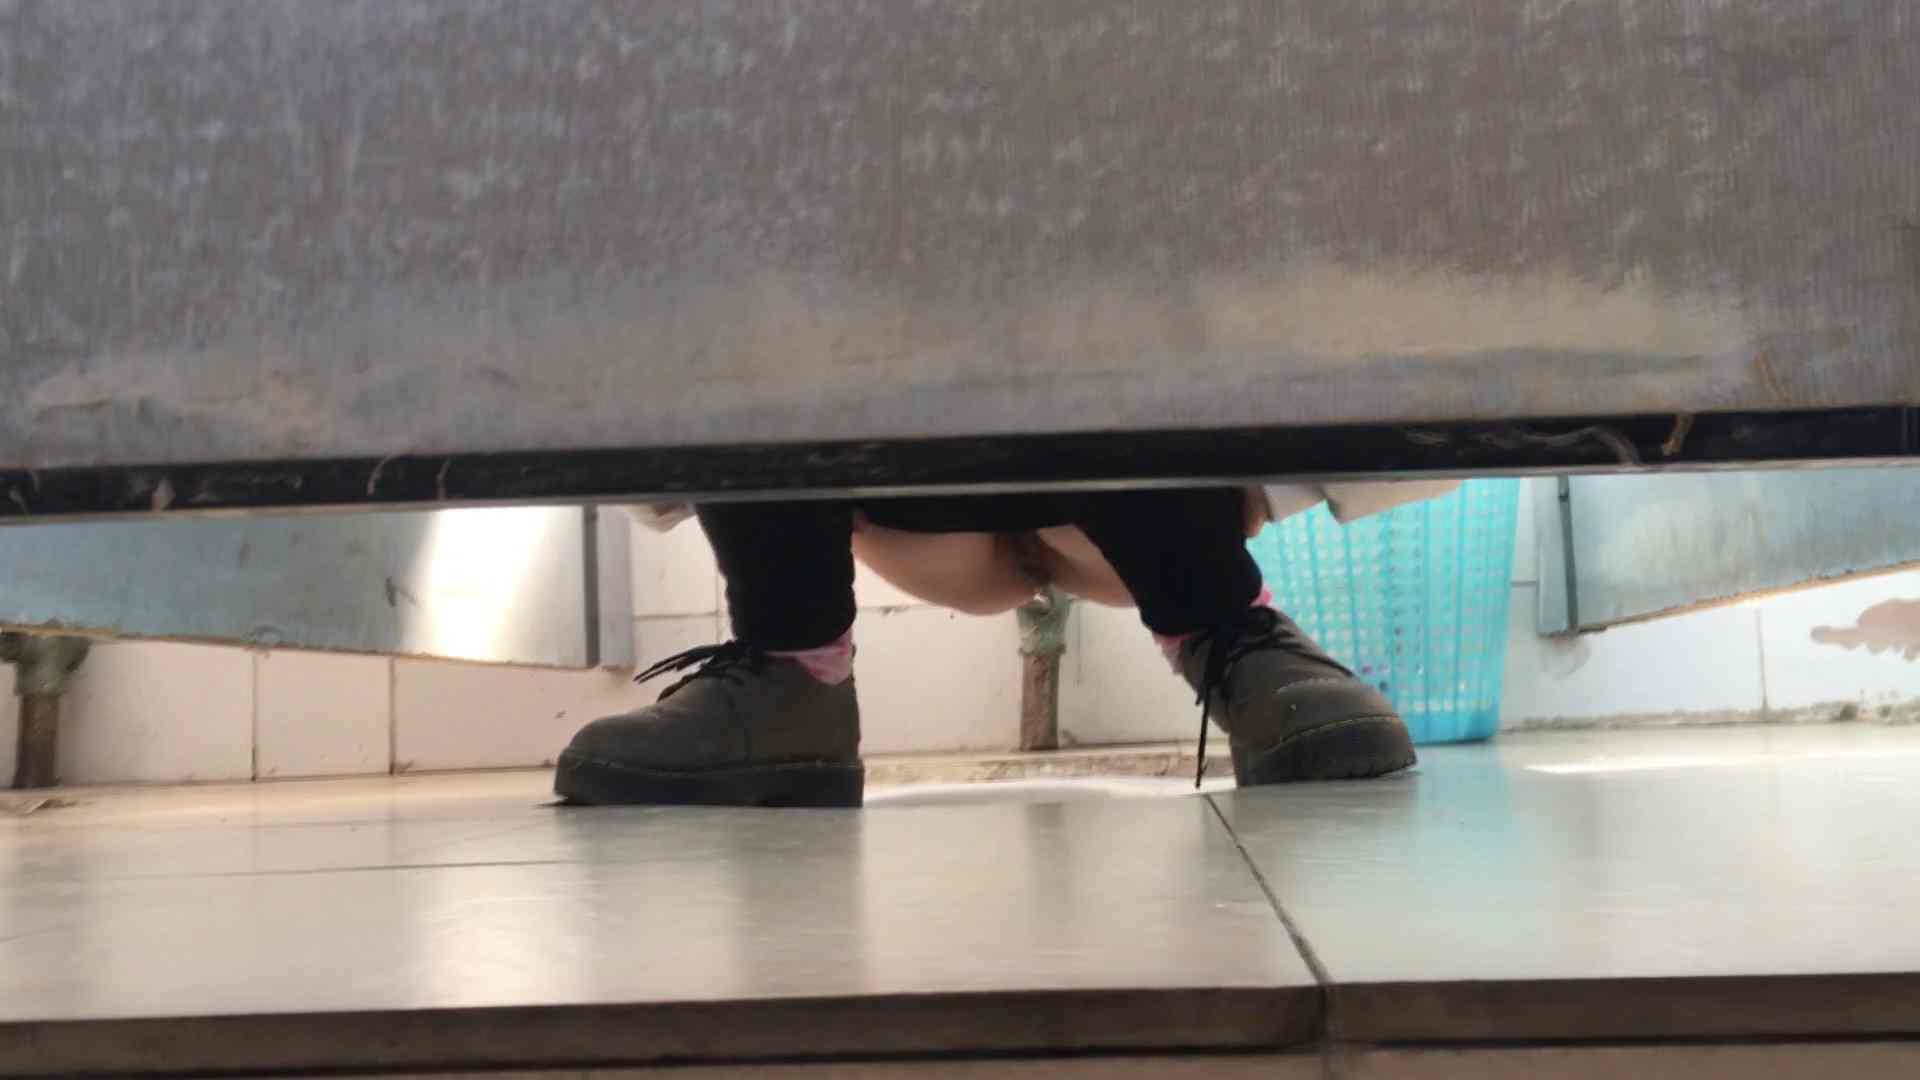 芸術大学ガチ潜入盗撮 JD盗撮 美女の洗面所の秘密 Vol.80 細身女性  69画像 36